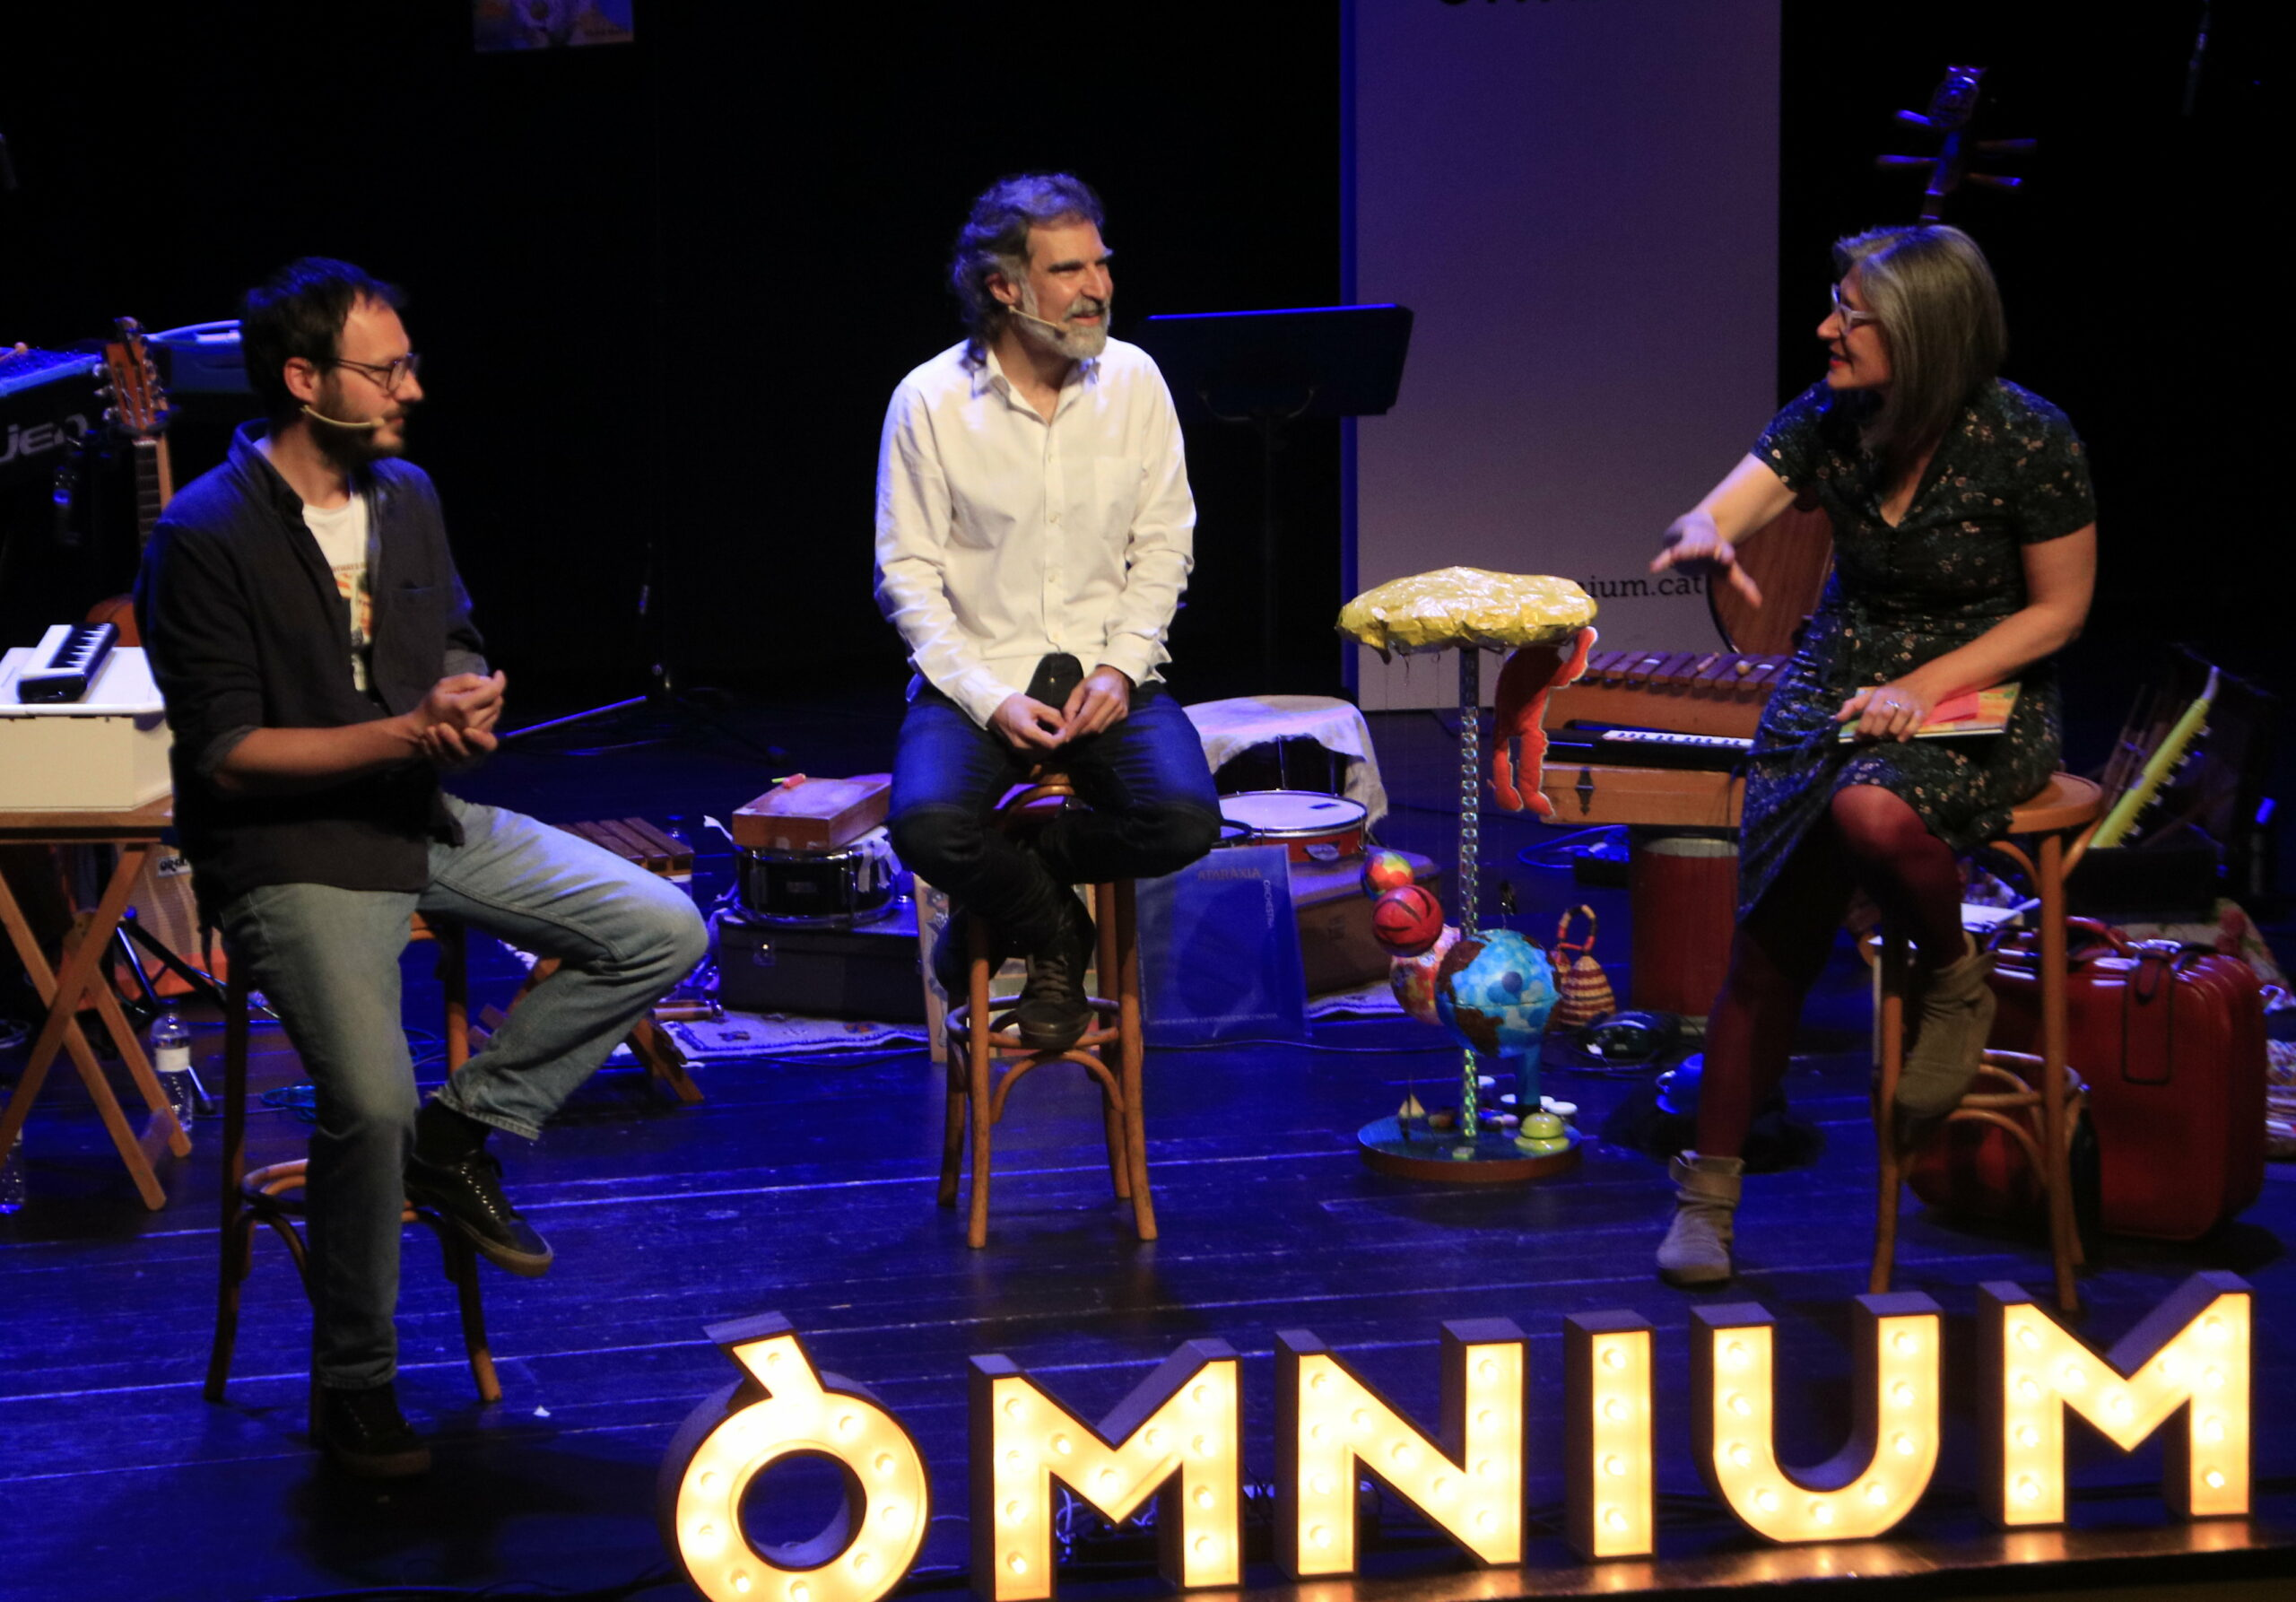 El president d'Òmnium Cultural, Jordi Cuixart, presenta amb l'il·lustrador Oriol Malet i la narradora Mon Mas el segon conte infantil que ha escrit, 'El polsim màgic', al Centre Artesà Tradicionarius de Barcelona. 11 d'abril del 2021. (Horitzontal)